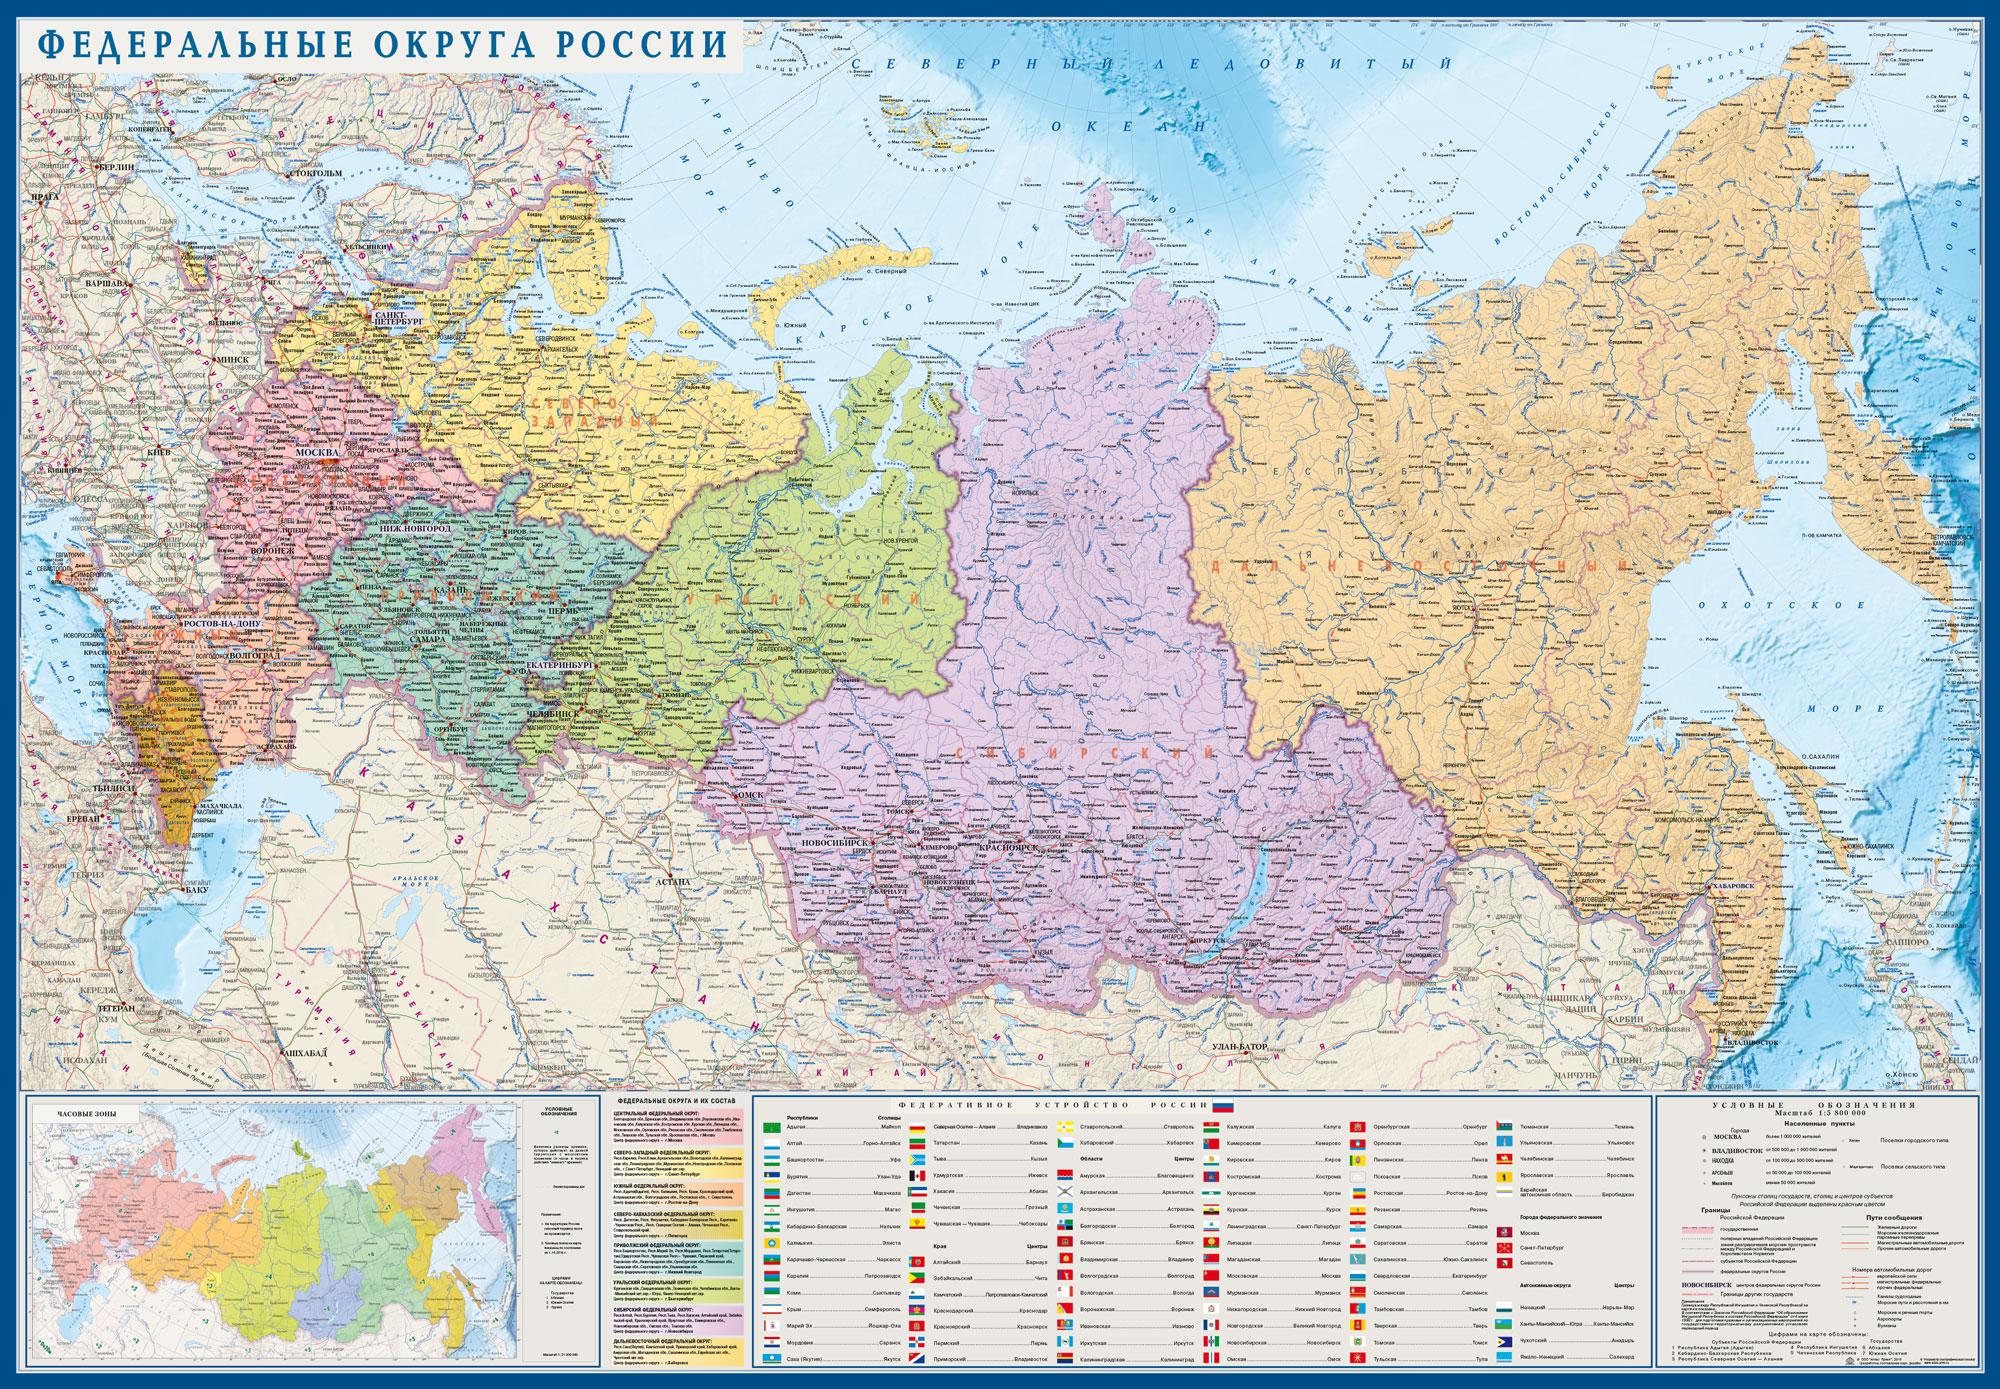 Настенная карта федеральных округов России 1,50х1,04 м